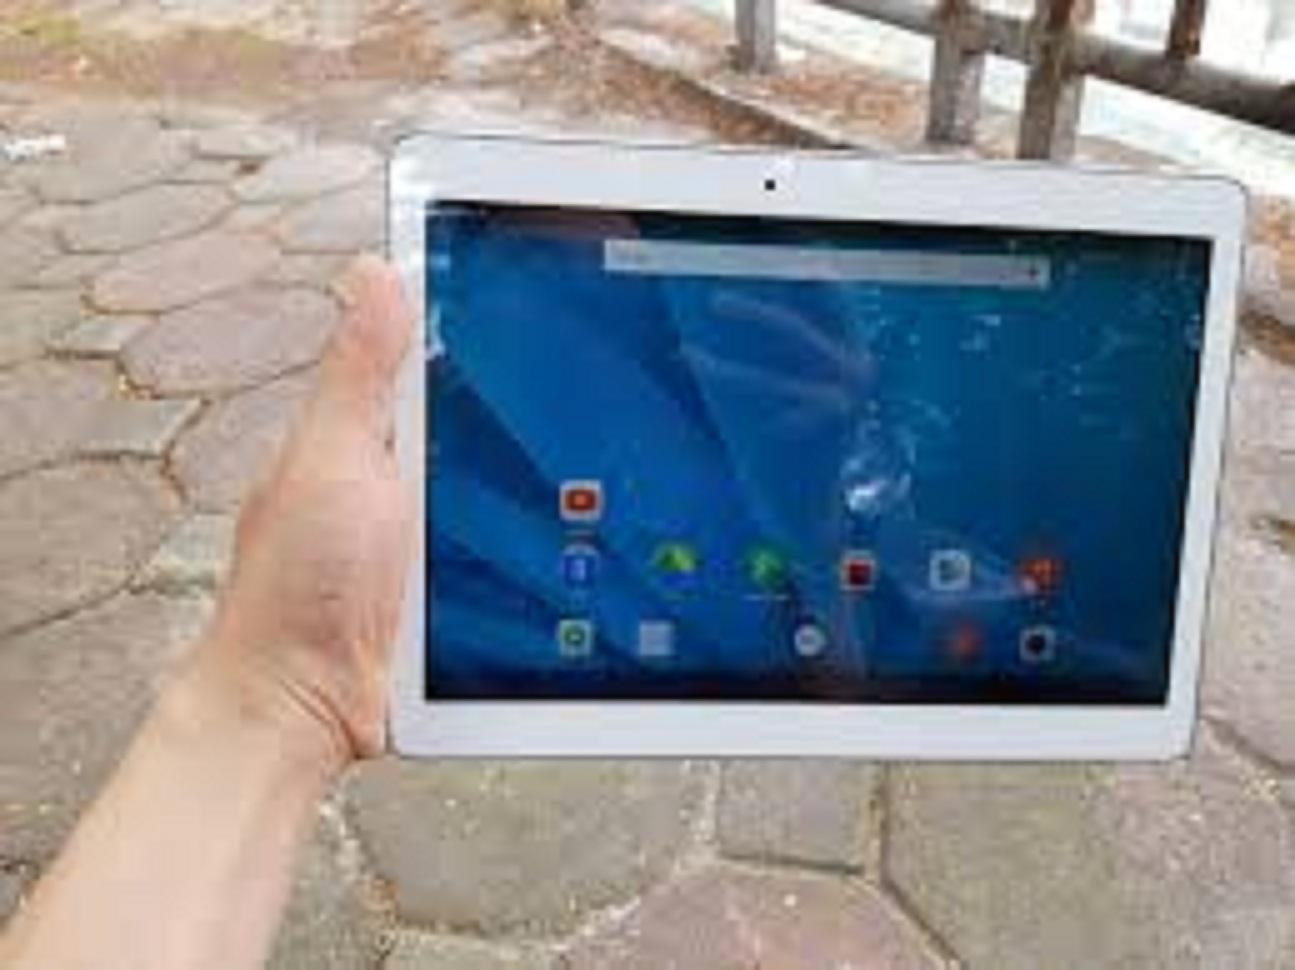 Máy Tính Bảng Huawei dtab 10.1 D-01H (Huawei MediaPad 10.1) - bản 4G/WIFI - Giá rẻ